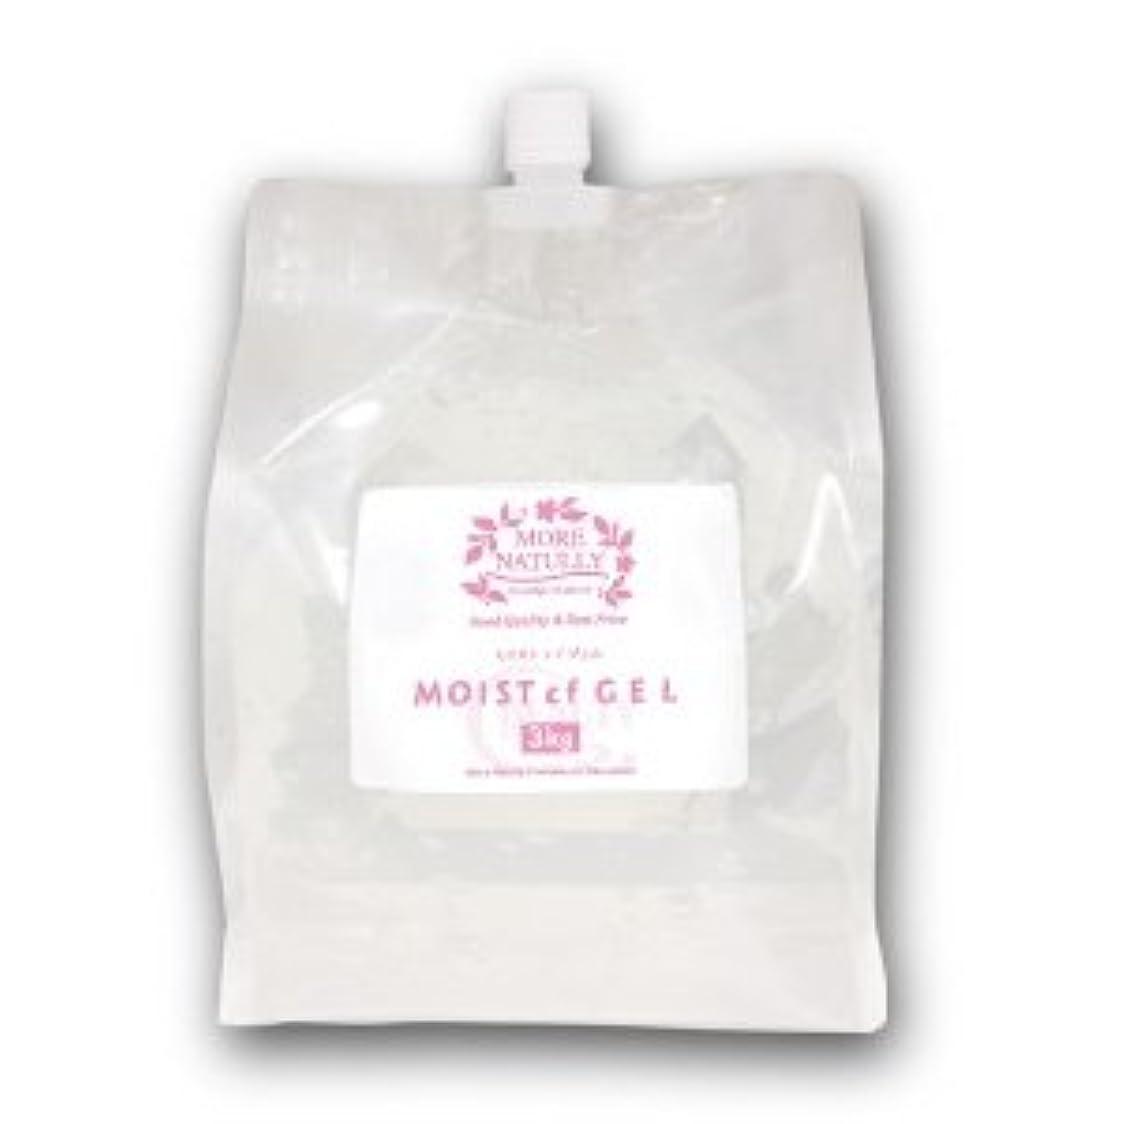 肌寒い準備する維持モアナチュリー モイストcfジェル 3kg×1袋